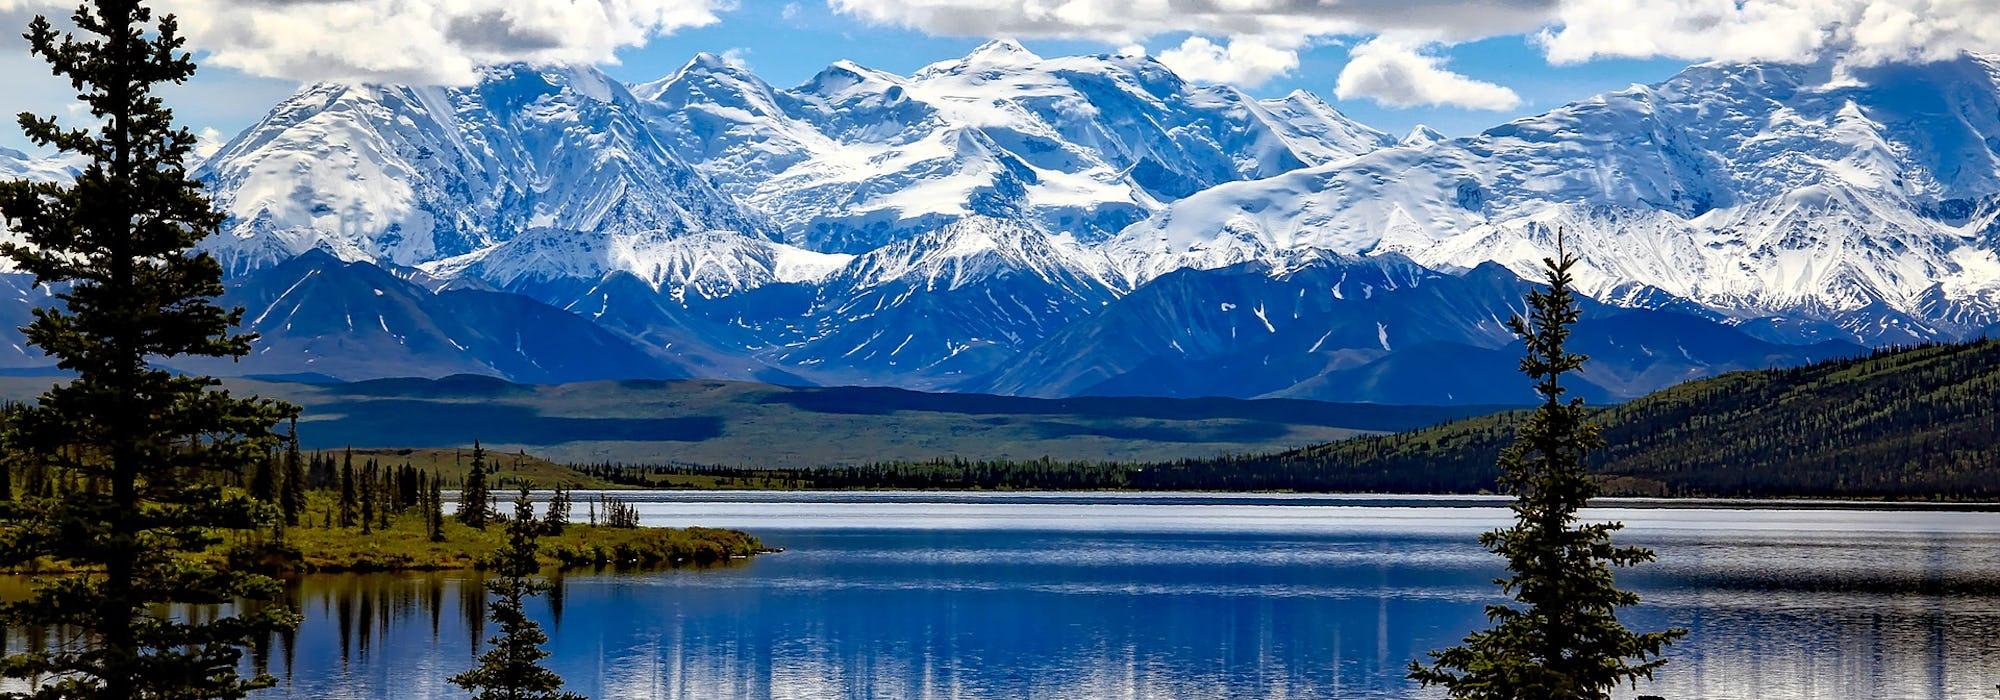 Alaskas oslagbara natur med skog, snötäckta berg och stilla vatten.